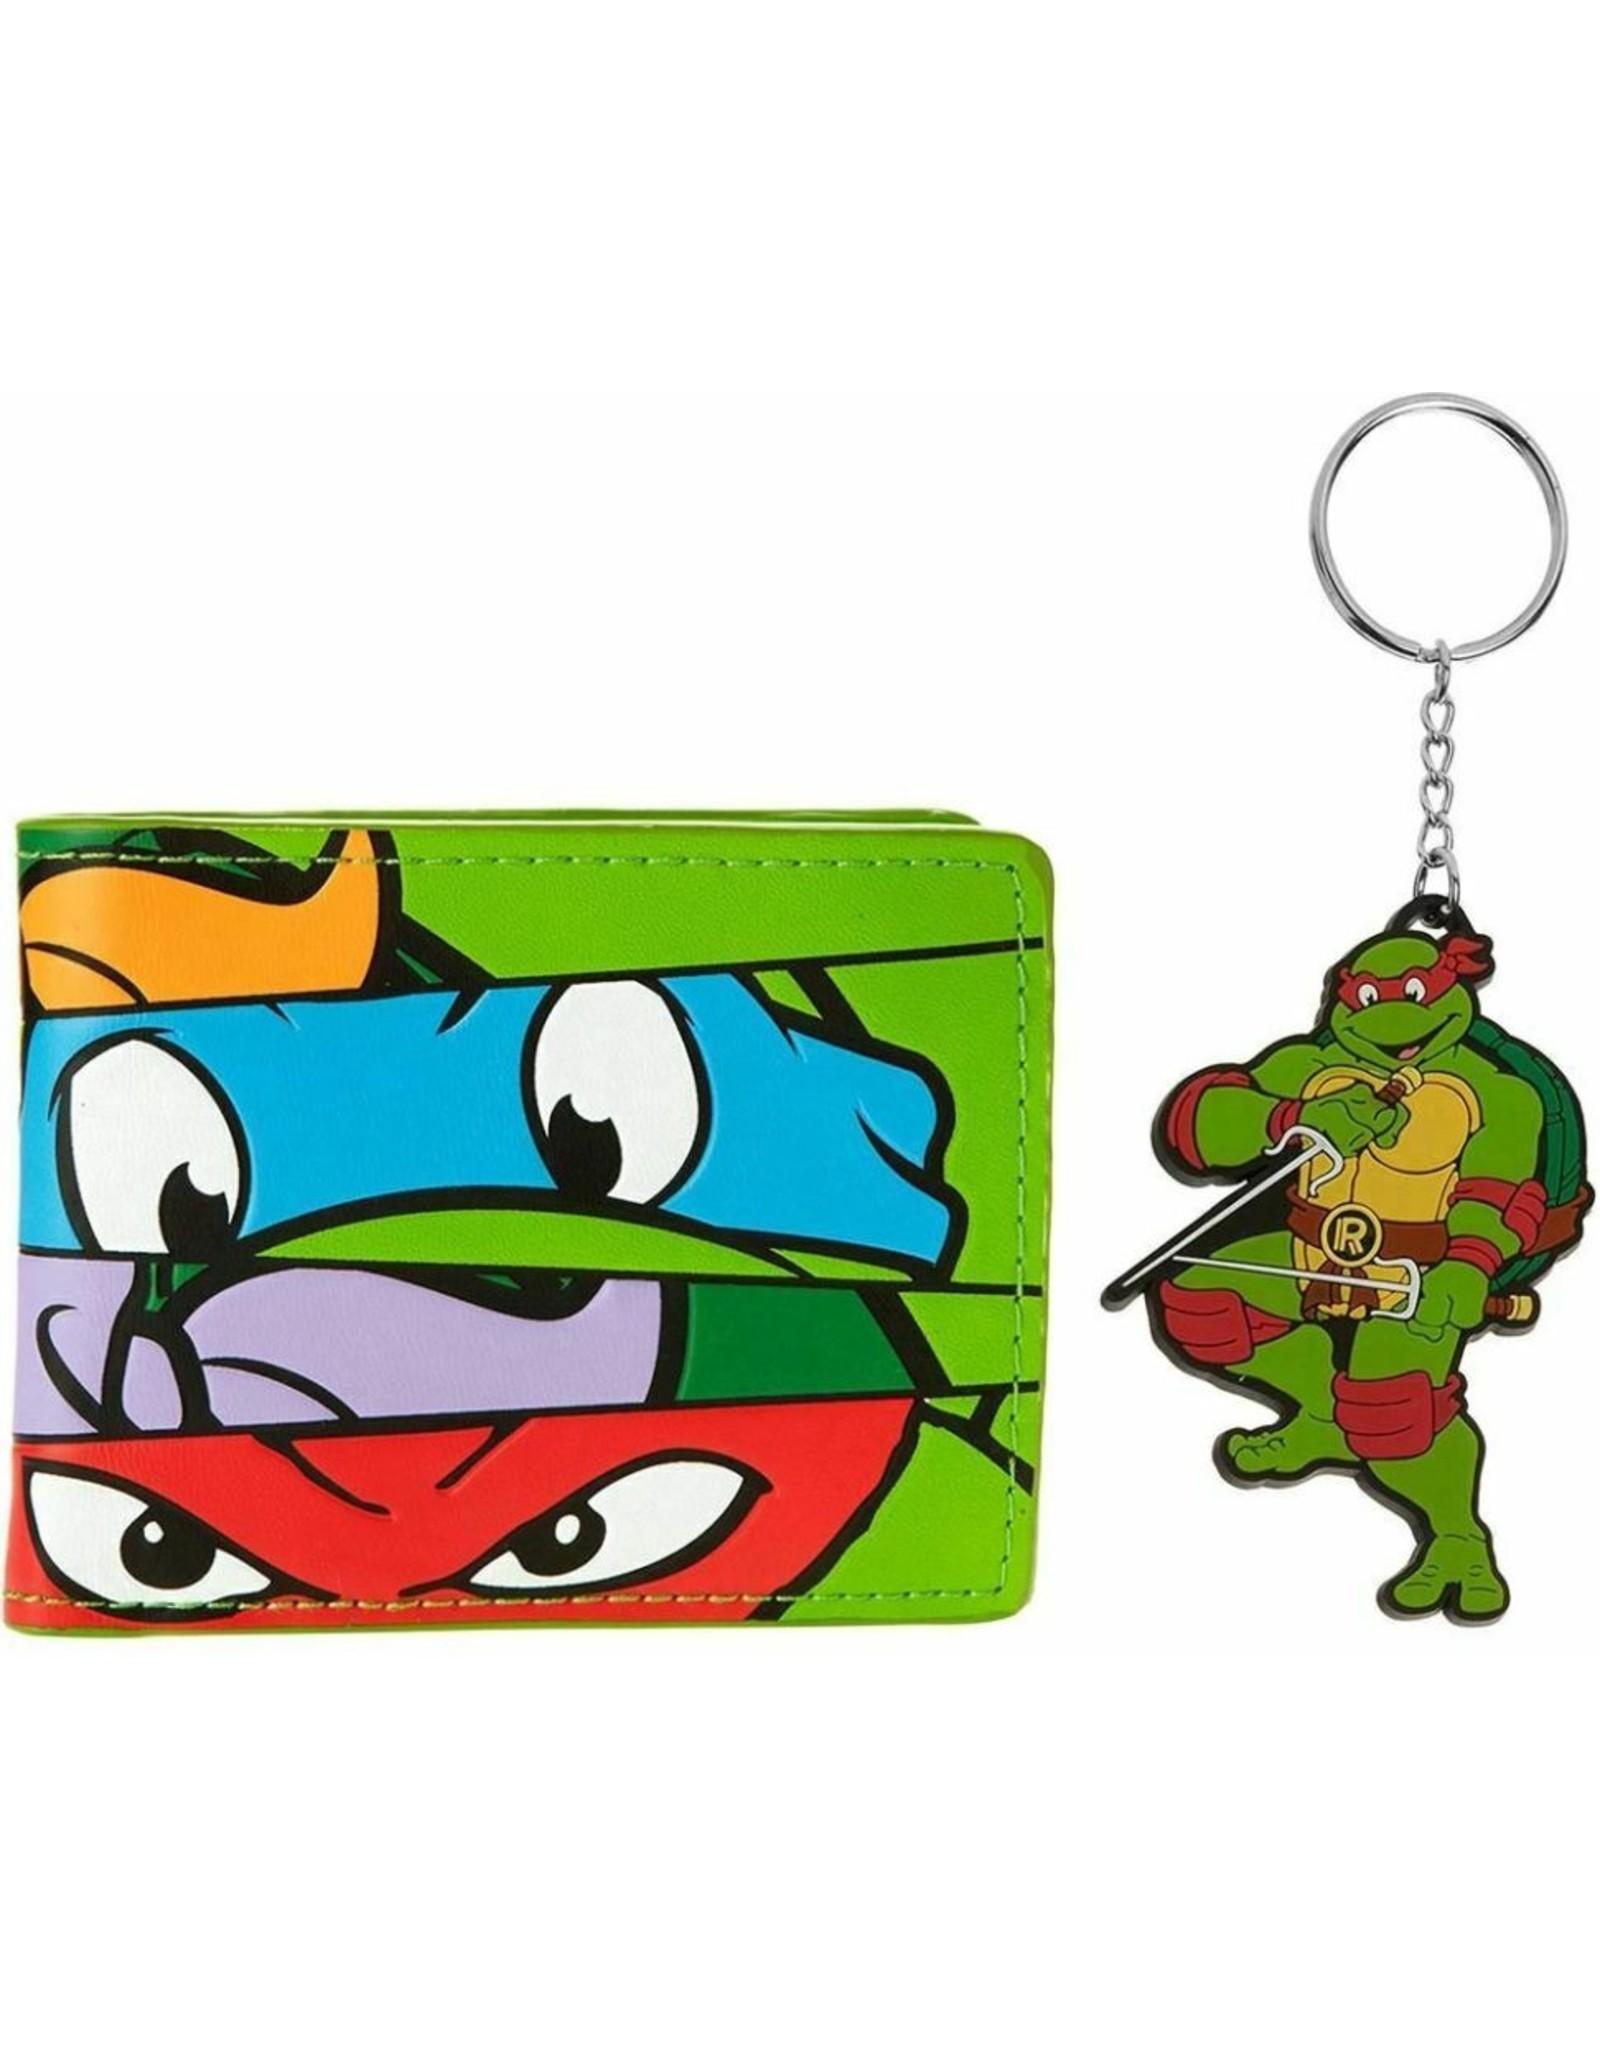 Difuzed Merchandise wallets -  Ninja Turtles - Giftset Wallet and Keychain